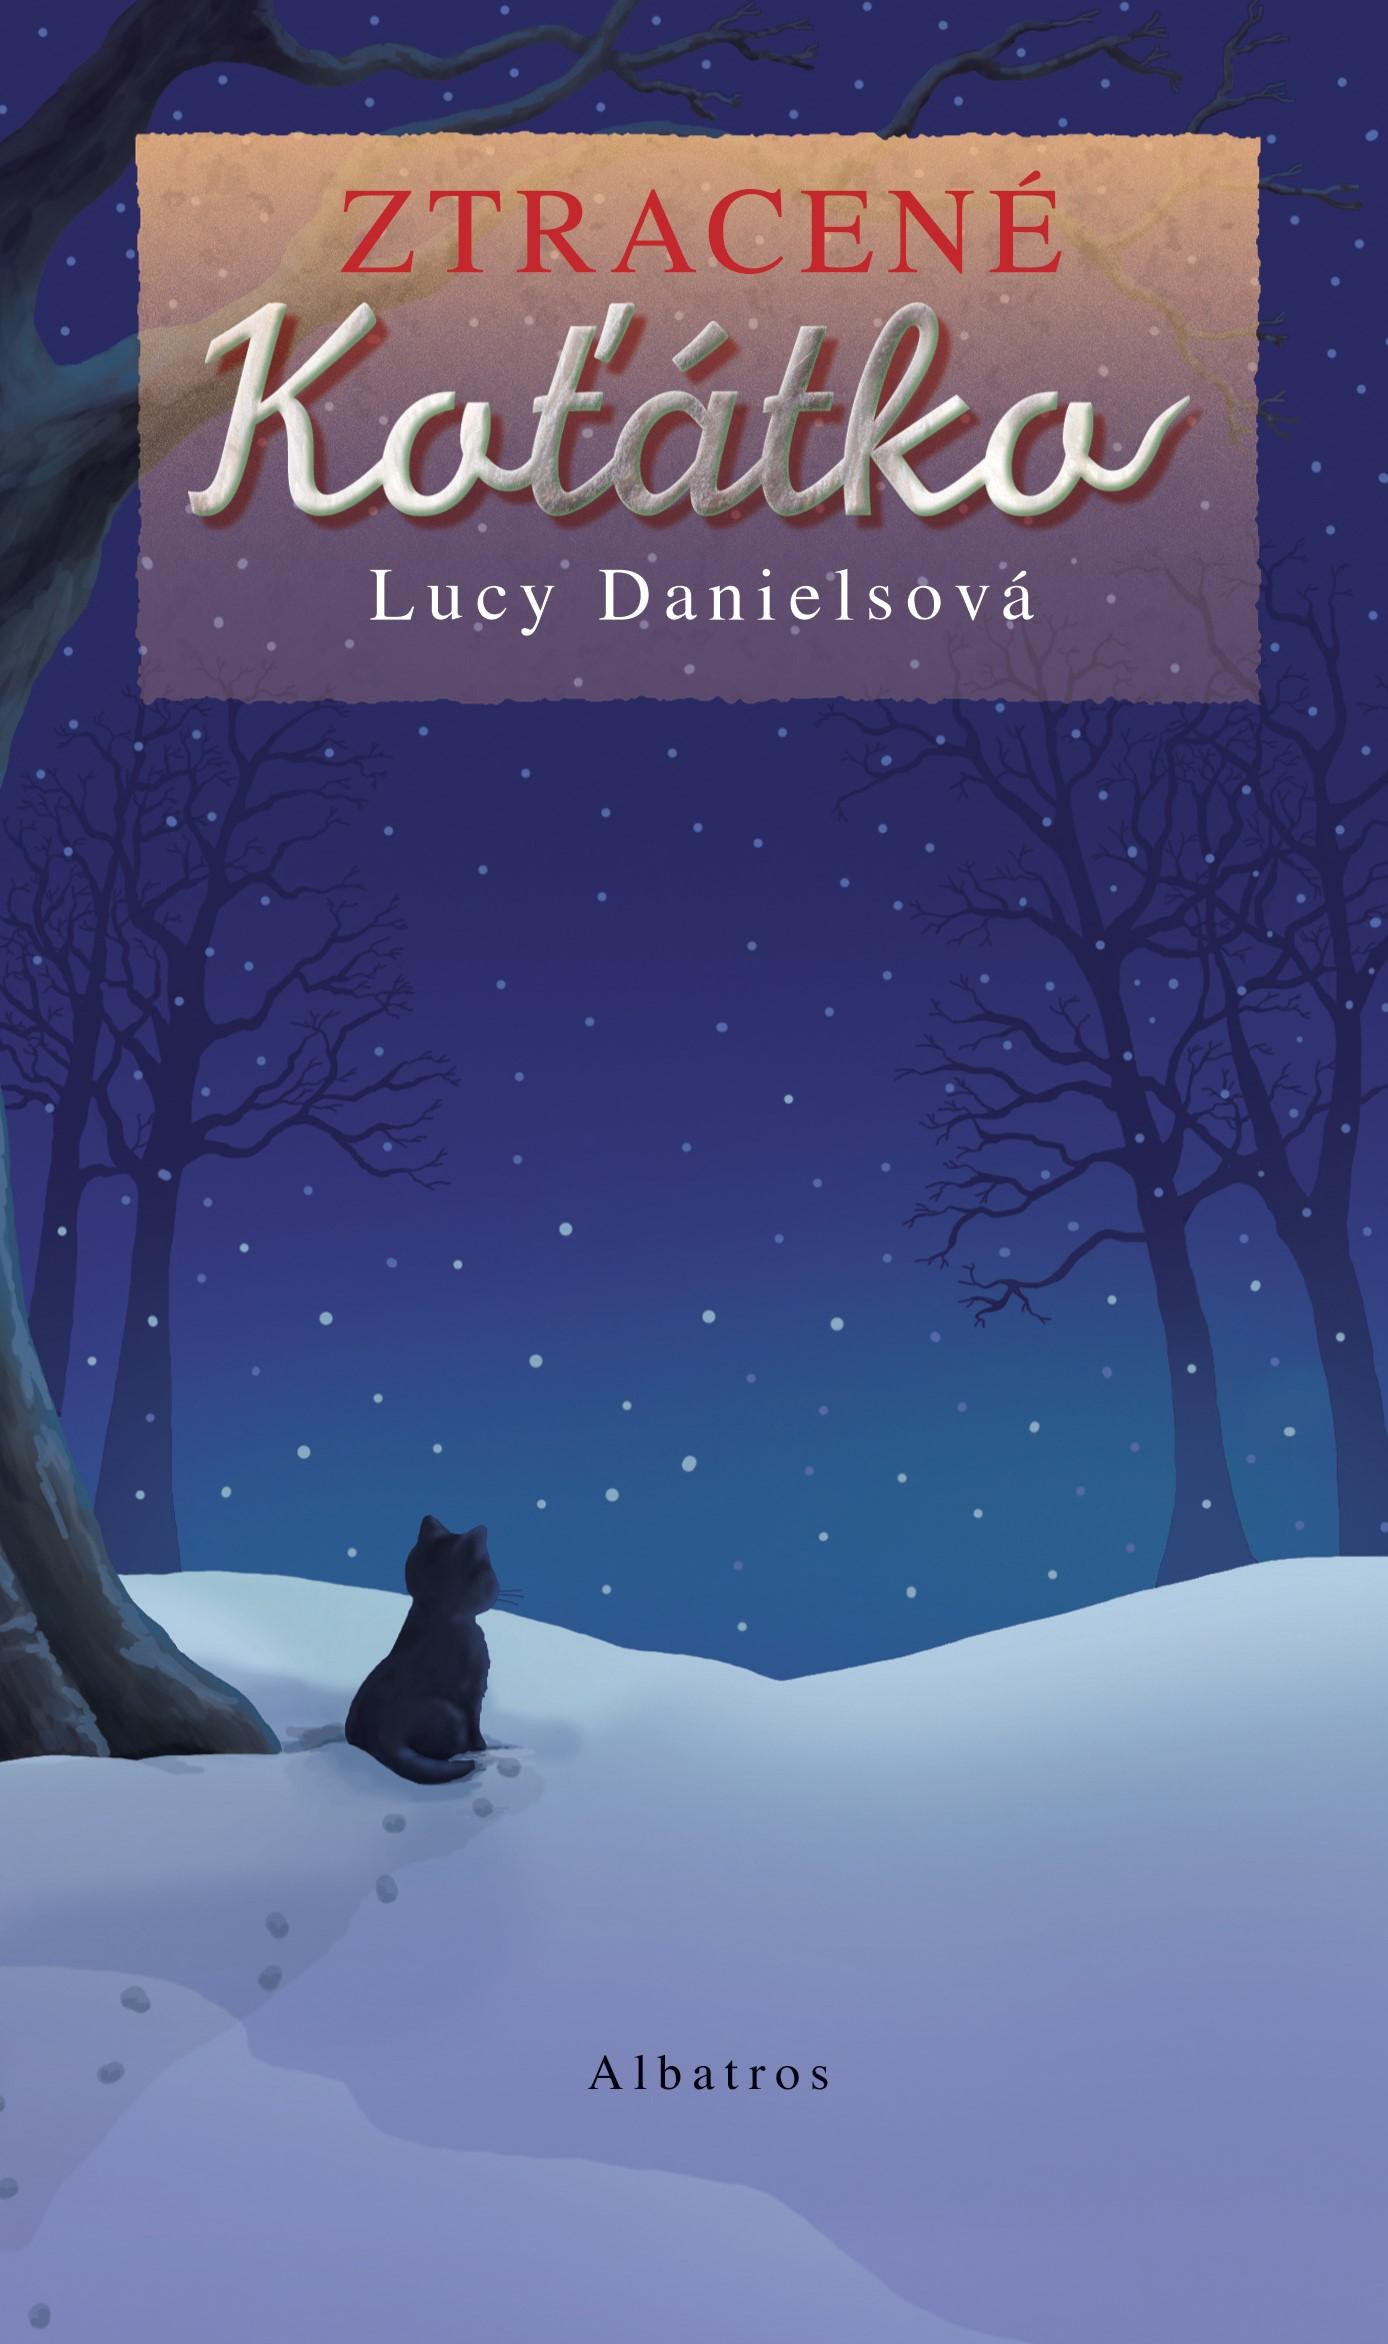 Ztracené koťátko | Lucy Danielsová, Alice Sinkner